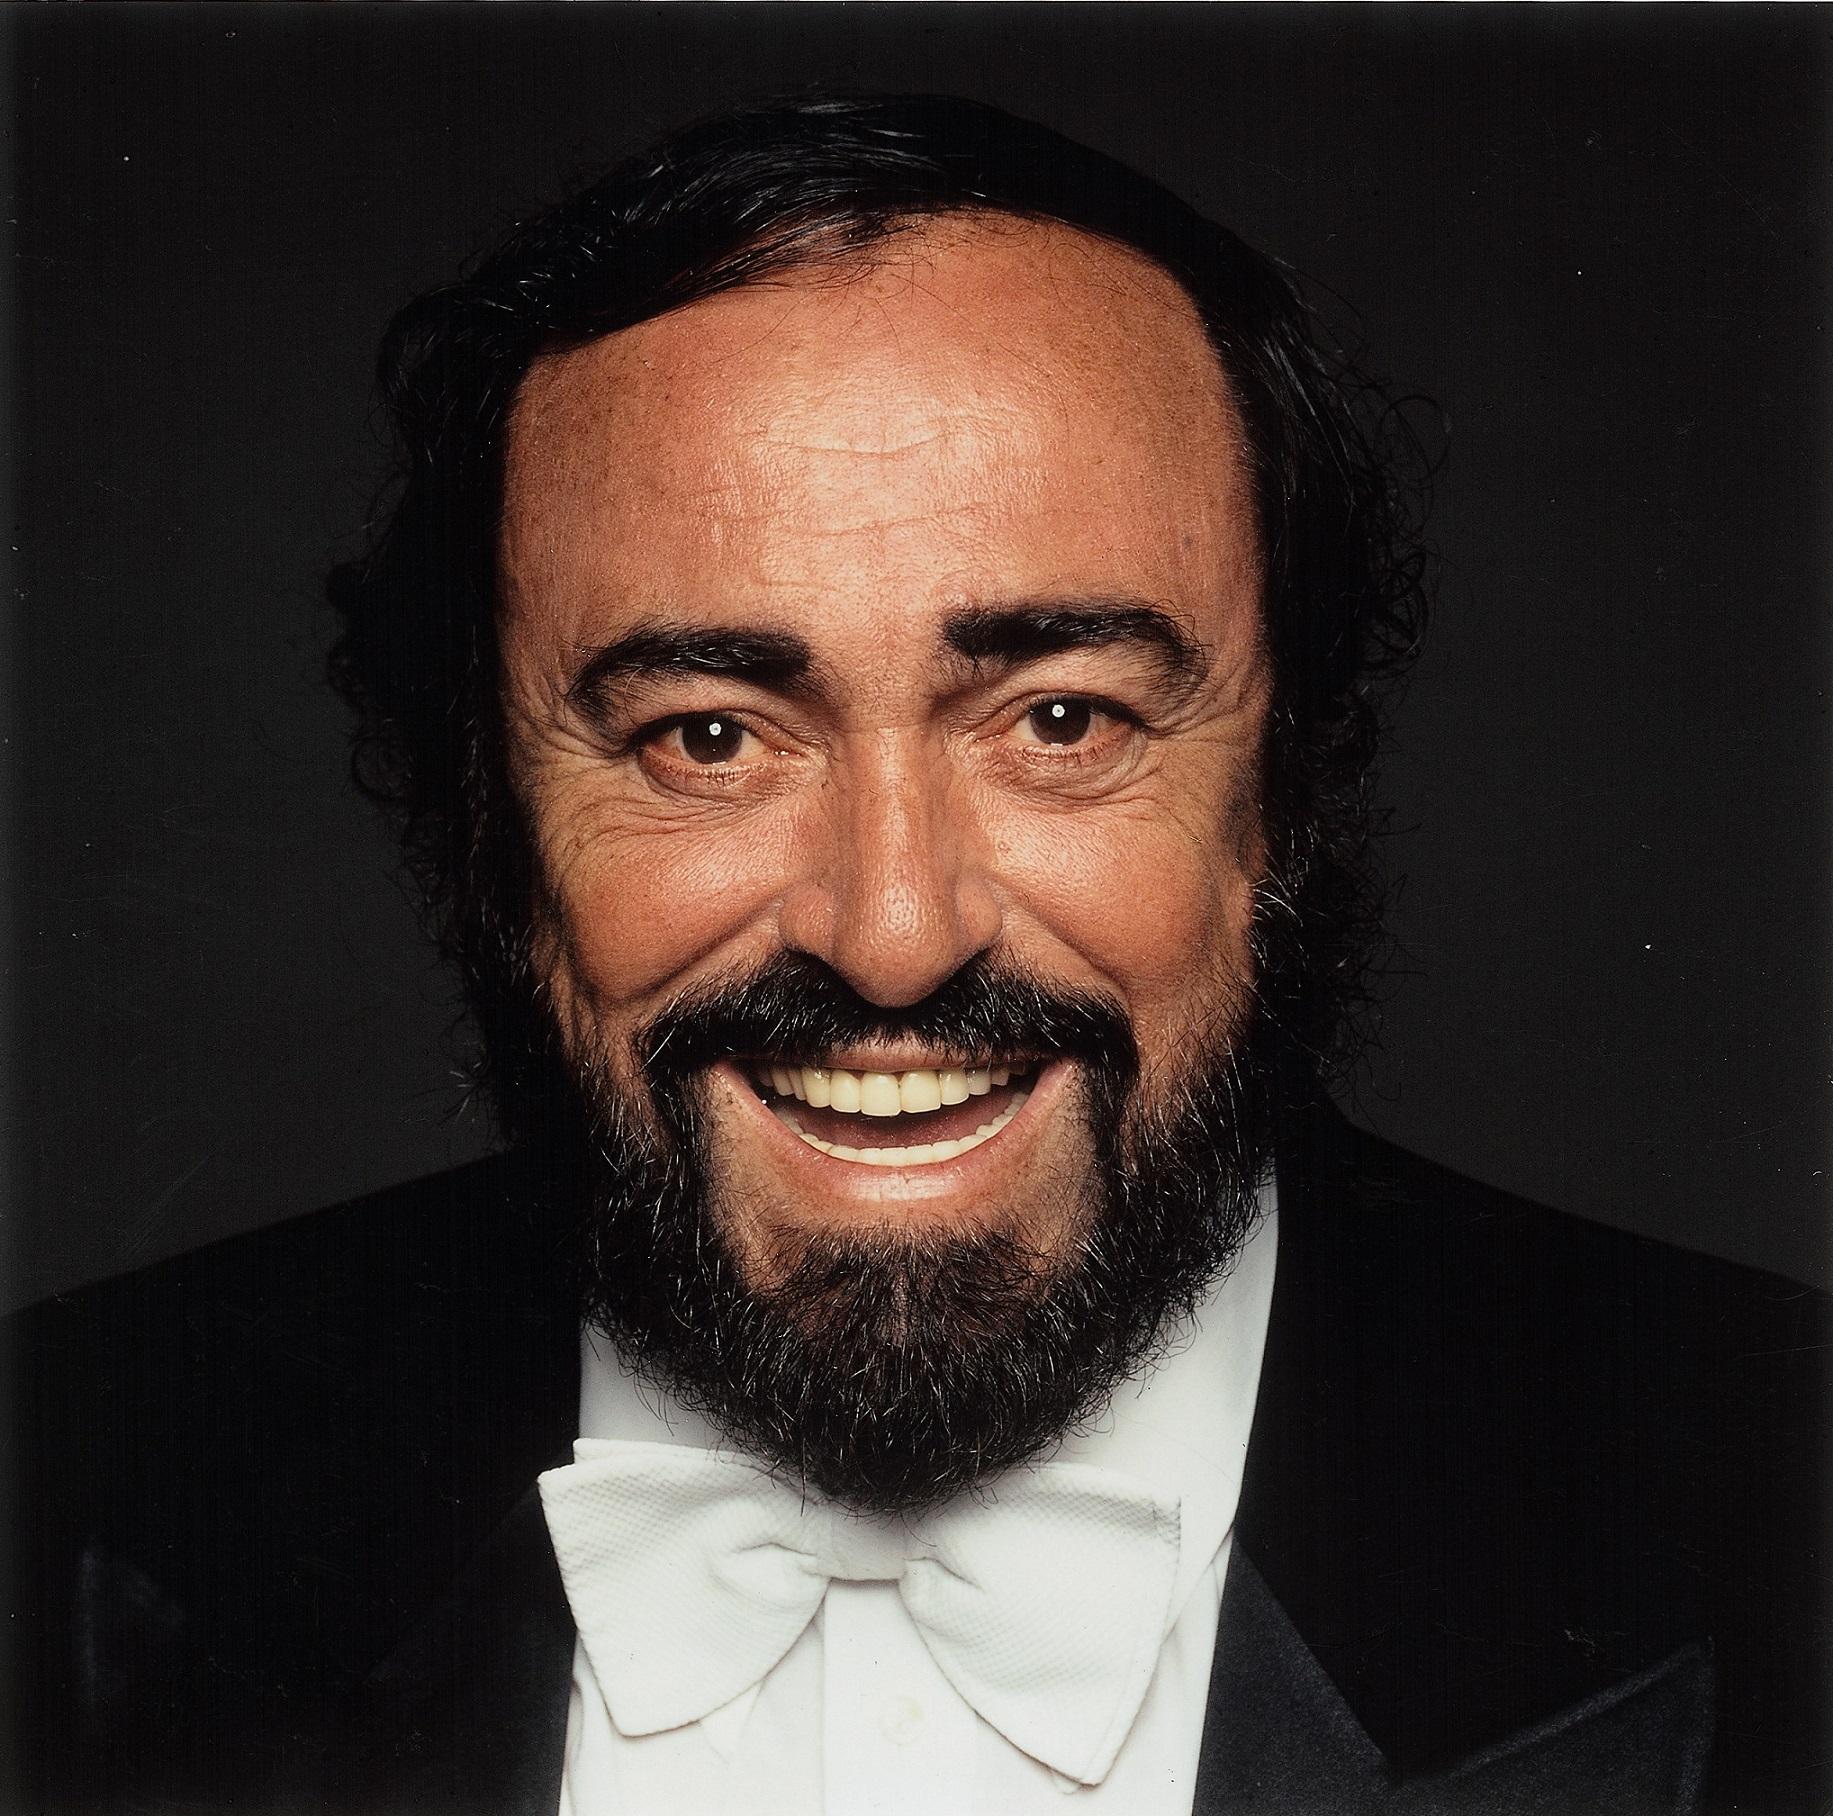 Pavarotti - credit Terry O'Neill, Decca per gentile concessione